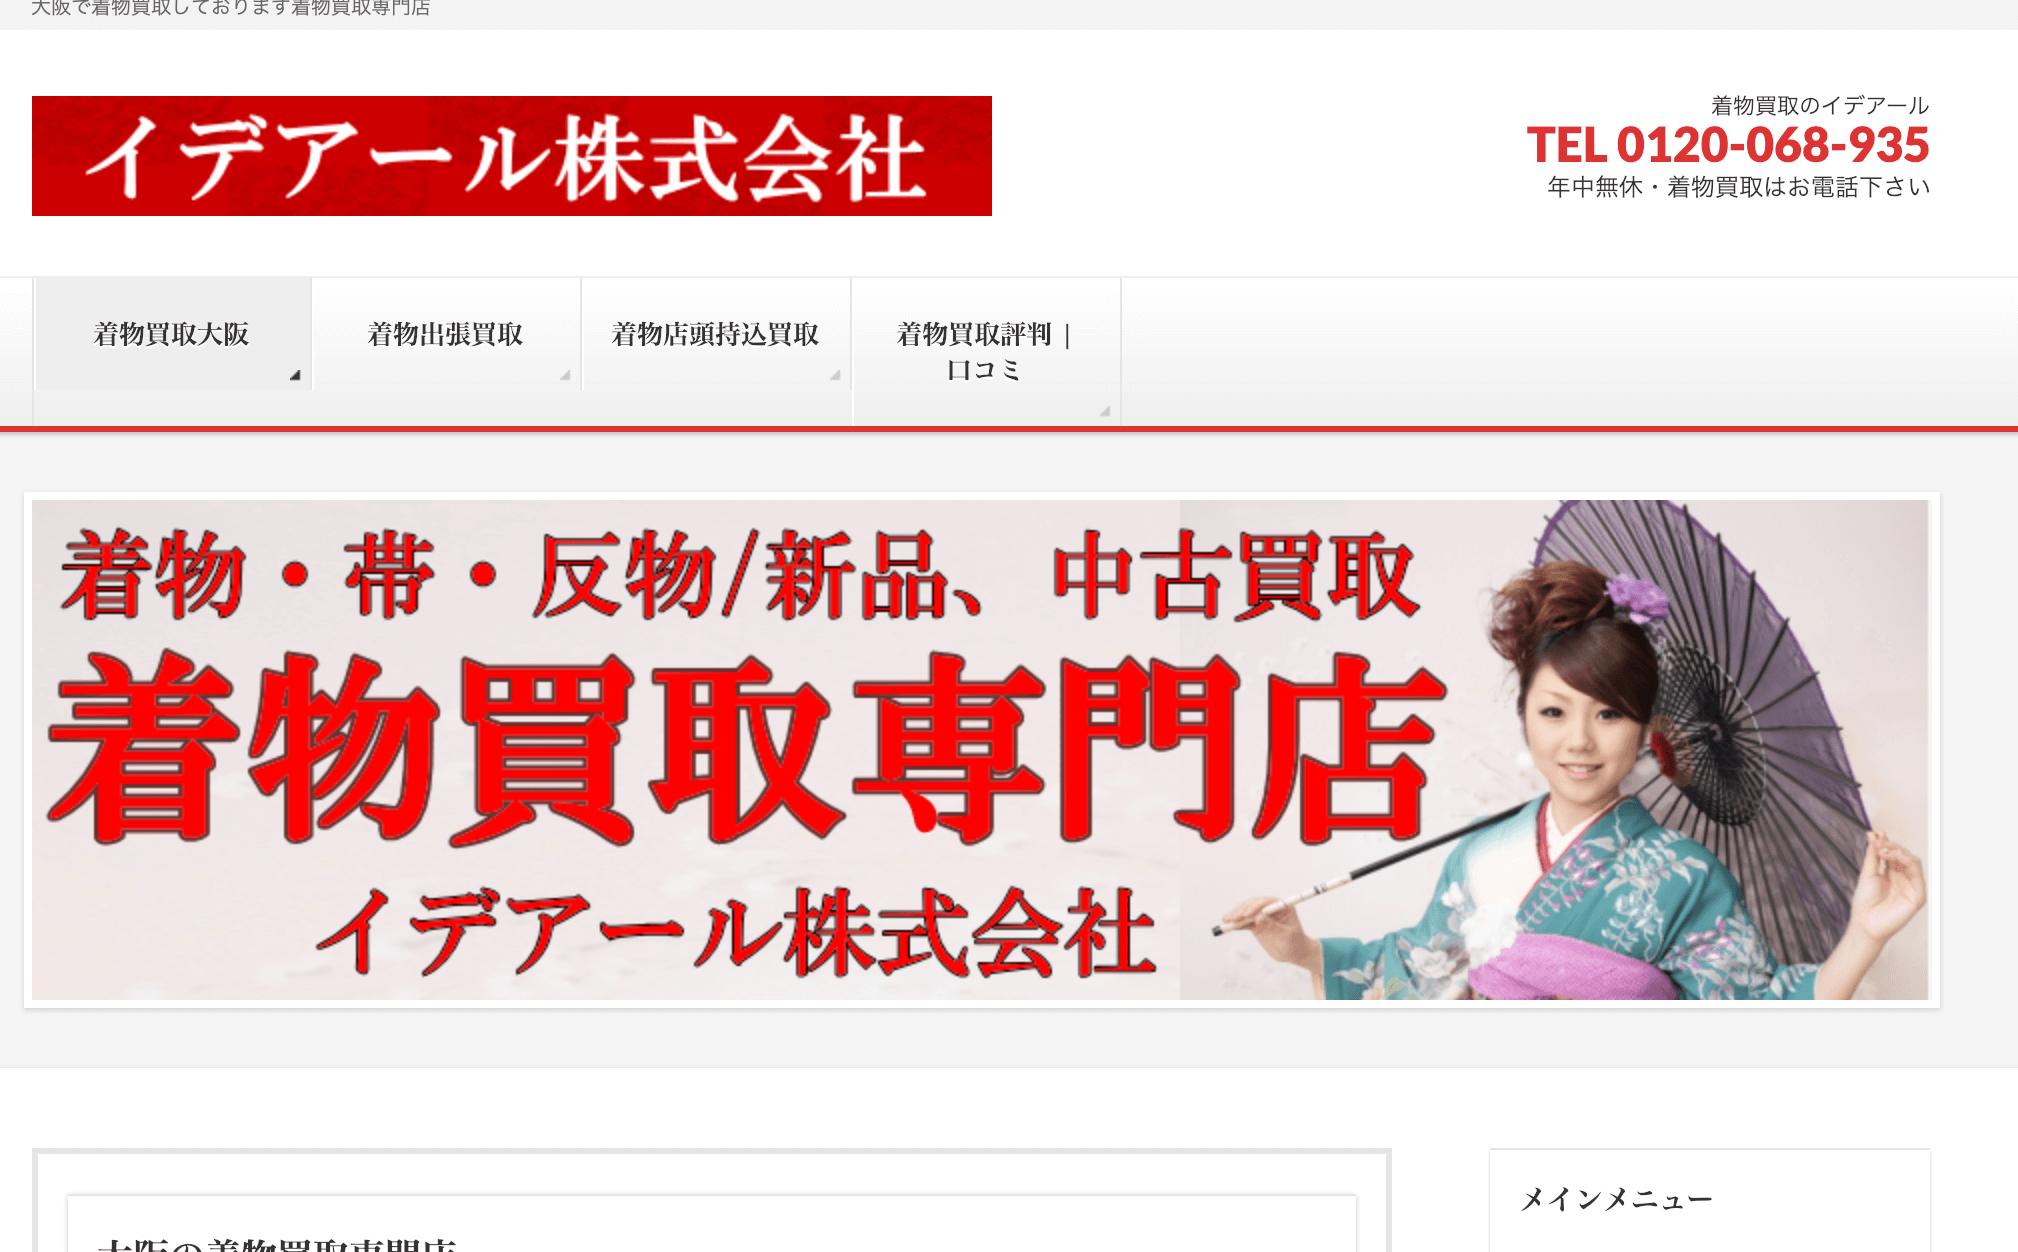 着物買取イデアール株式会社